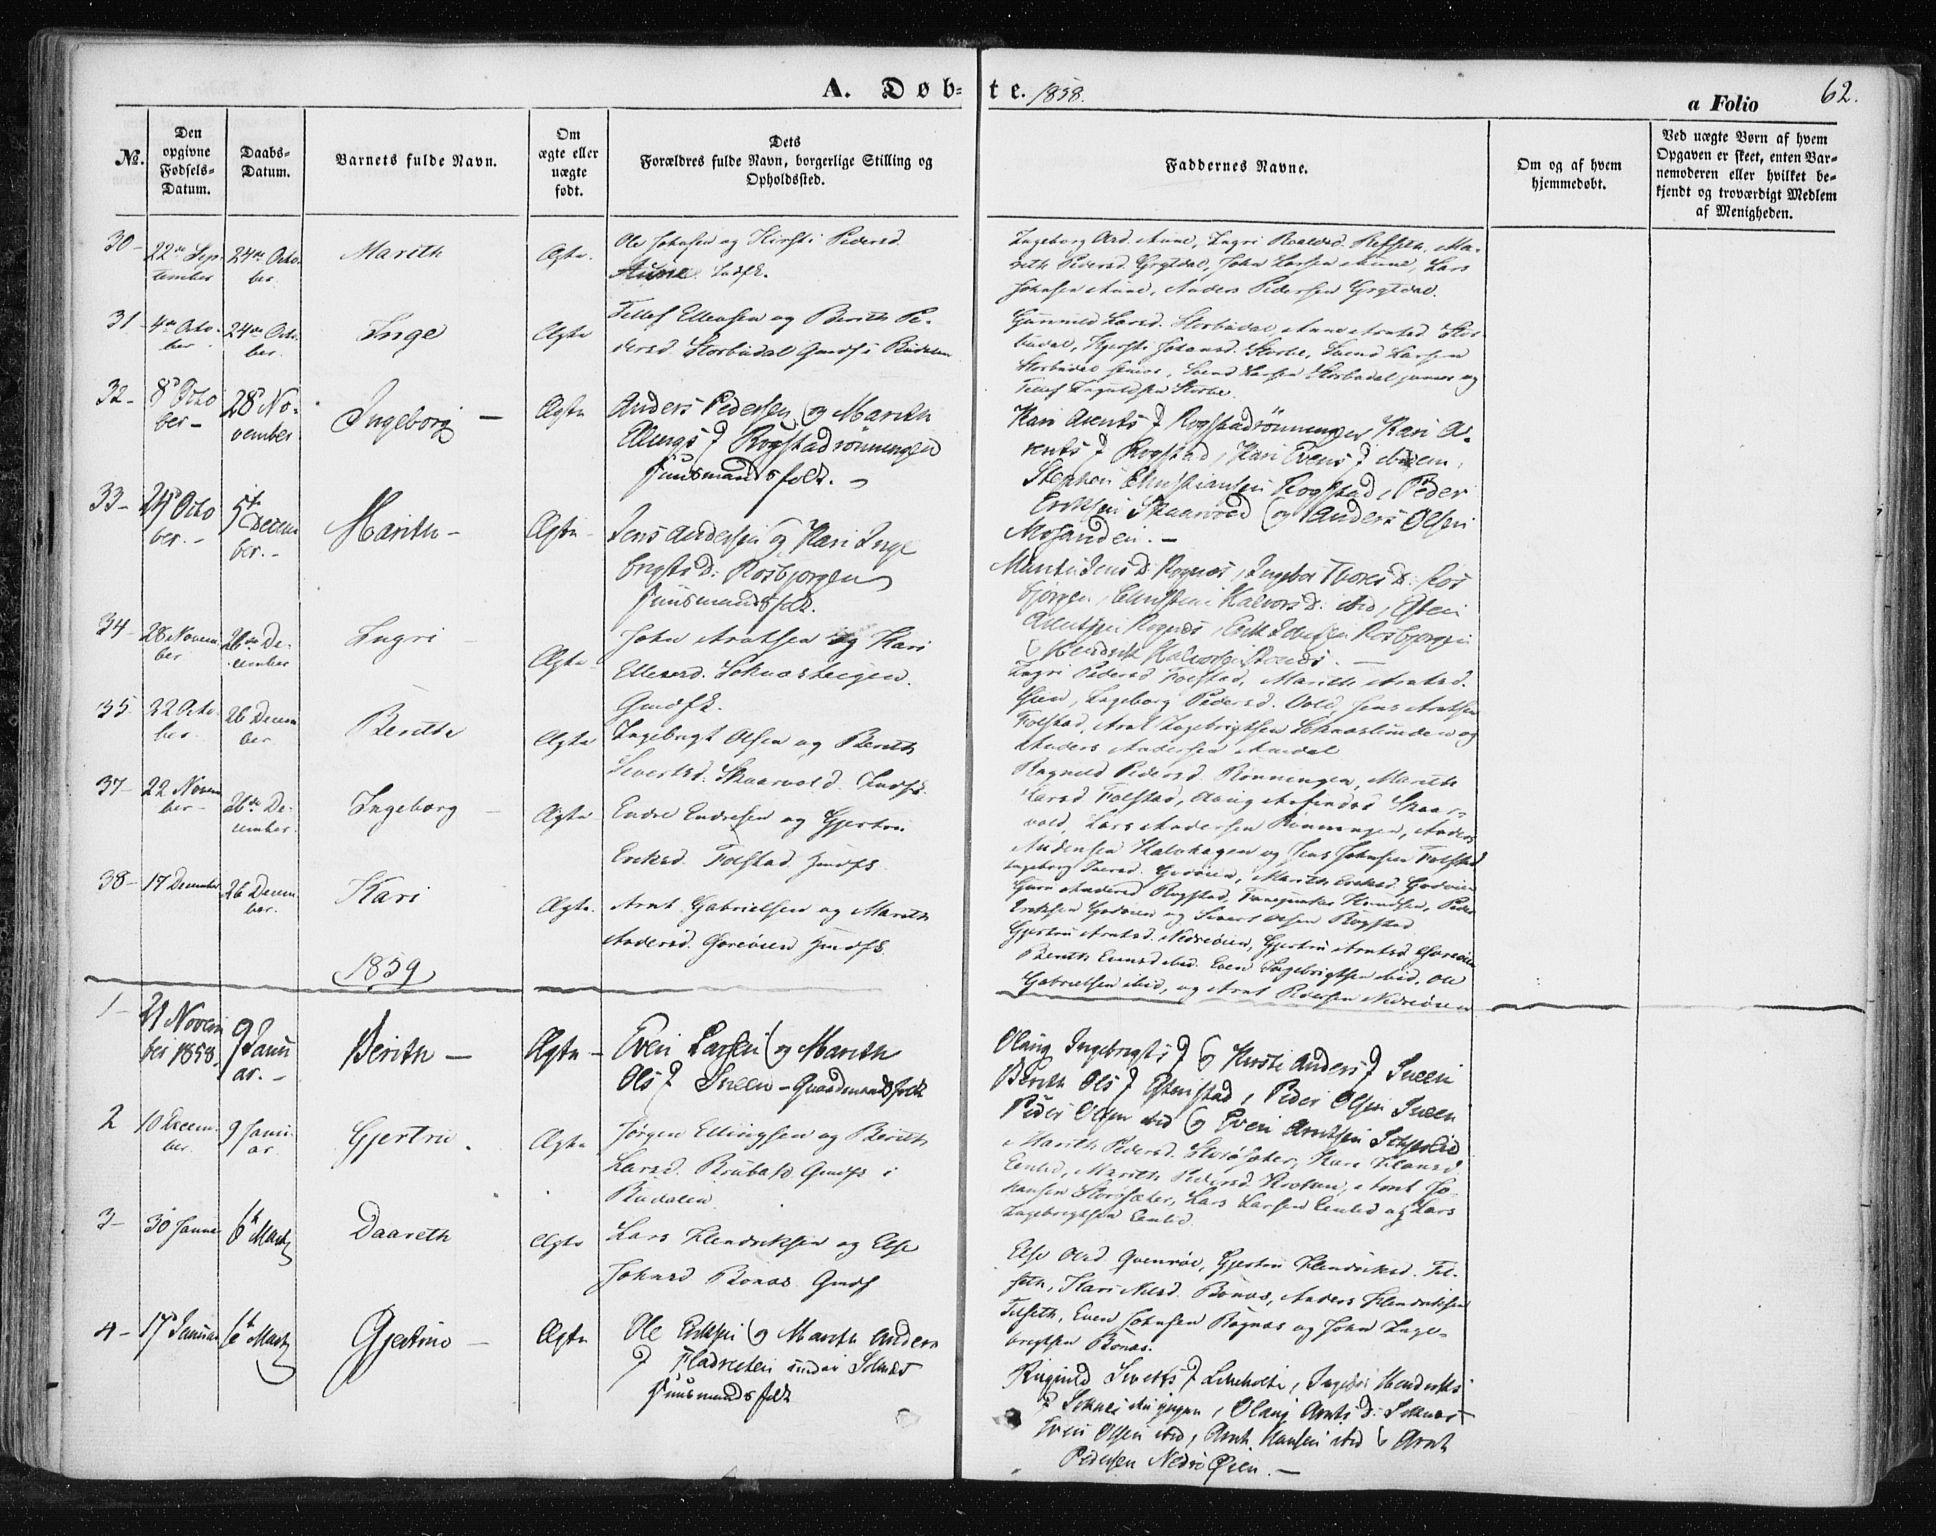 SAT, Ministerialprotokoller, klokkerbøker og fødselsregistre - Sør-Trøndelag, 687/L1000: Ministerialbok nr. 687A06, 1848-1869, s. 62